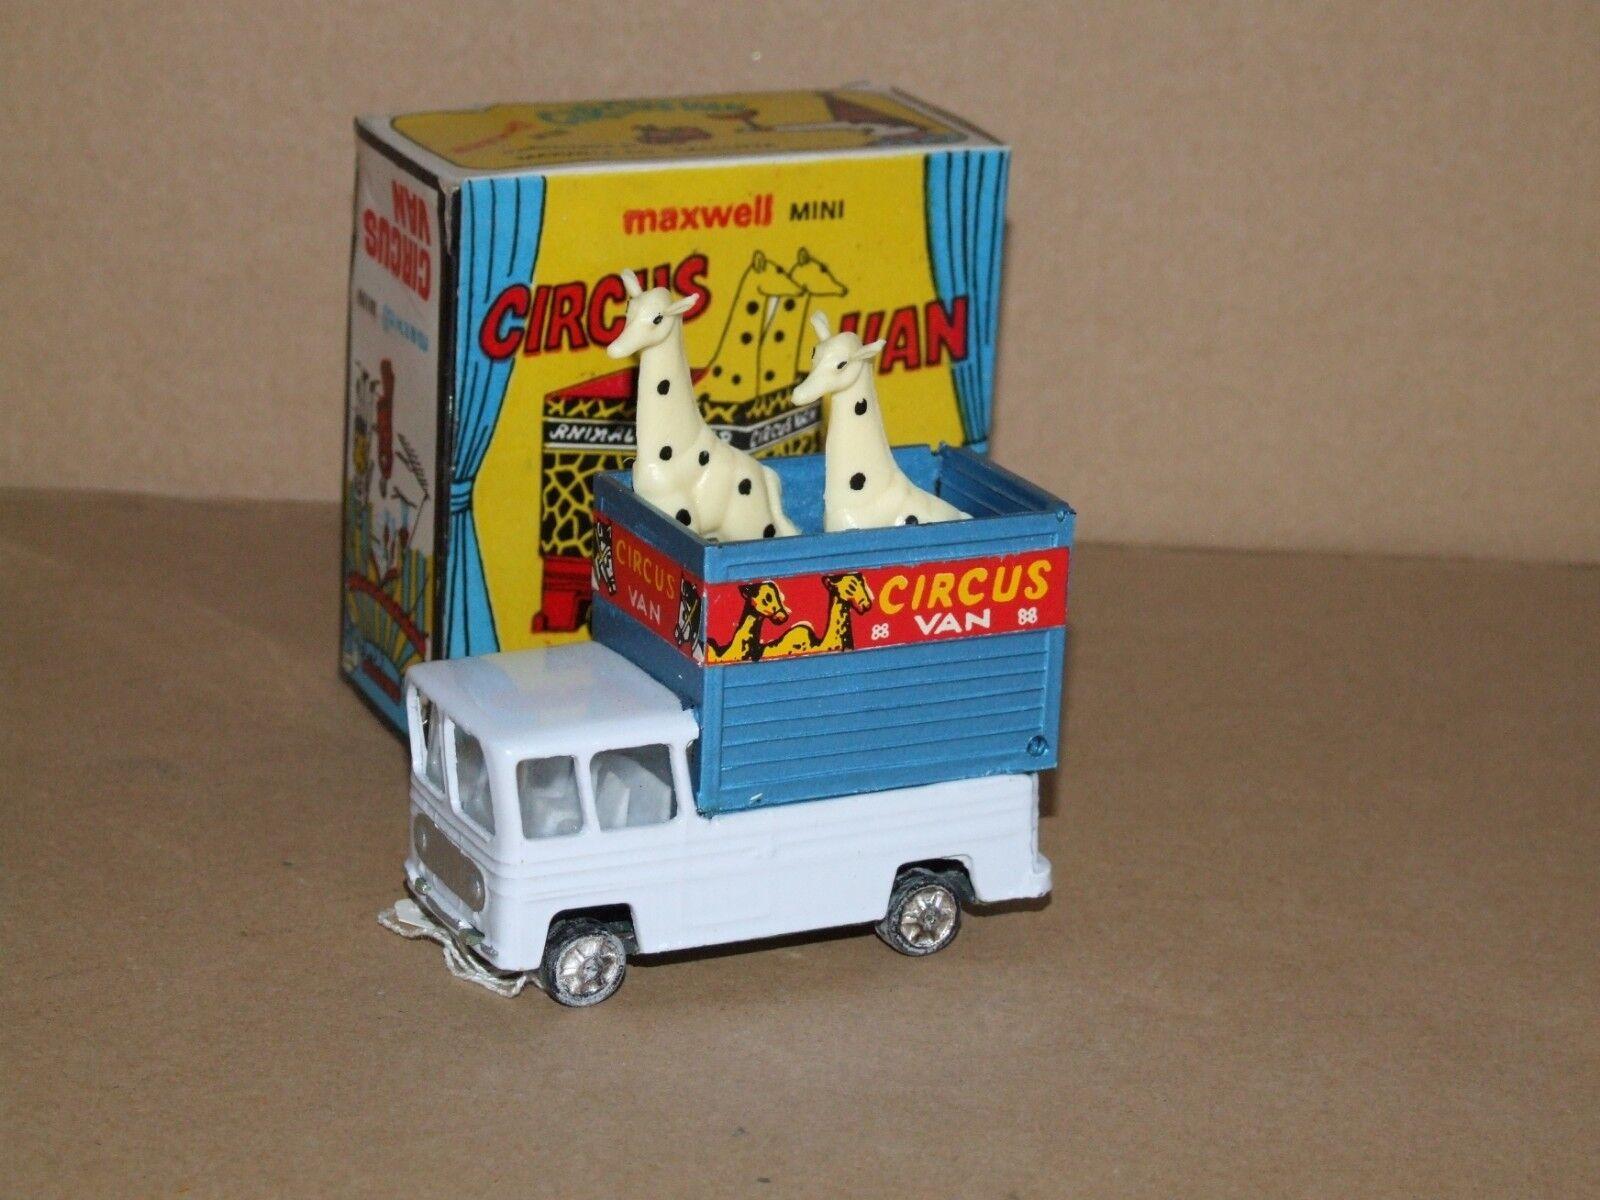 Maxwell mini (India) 536 Circus Van Giraffa TRANSPORTER